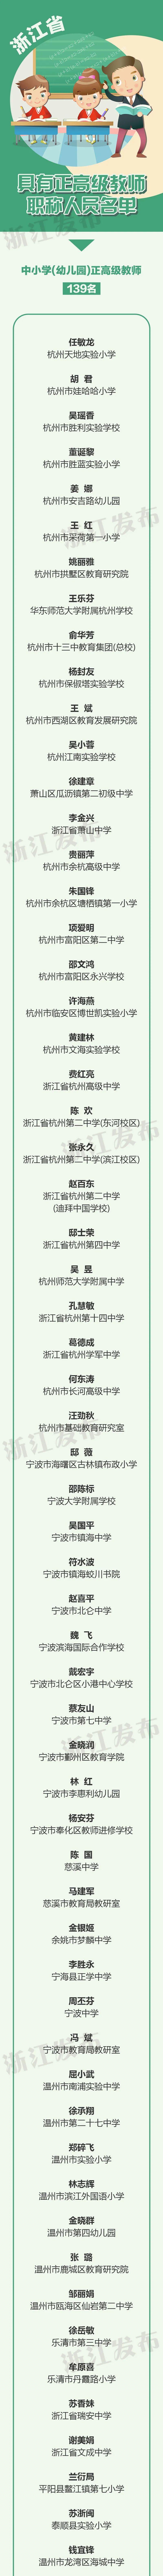 新增159名!浙江2020年中小学、中职学校正高级职称教师名单公布图片